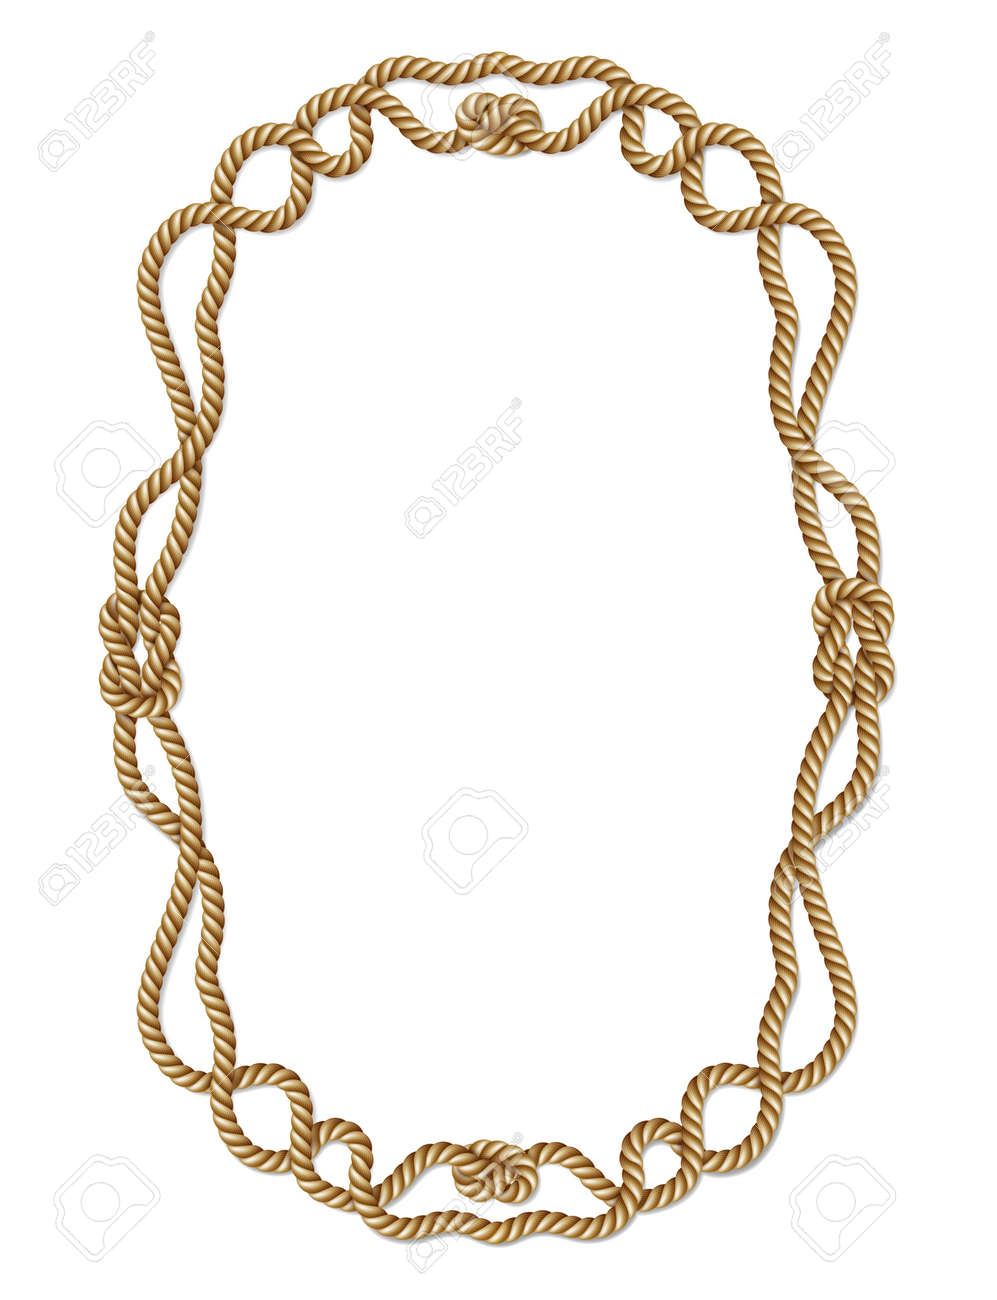 Gelbes Seil Gewebt Vektor-Grenze Mit Einem Seil Knoten, Vertikalen ...